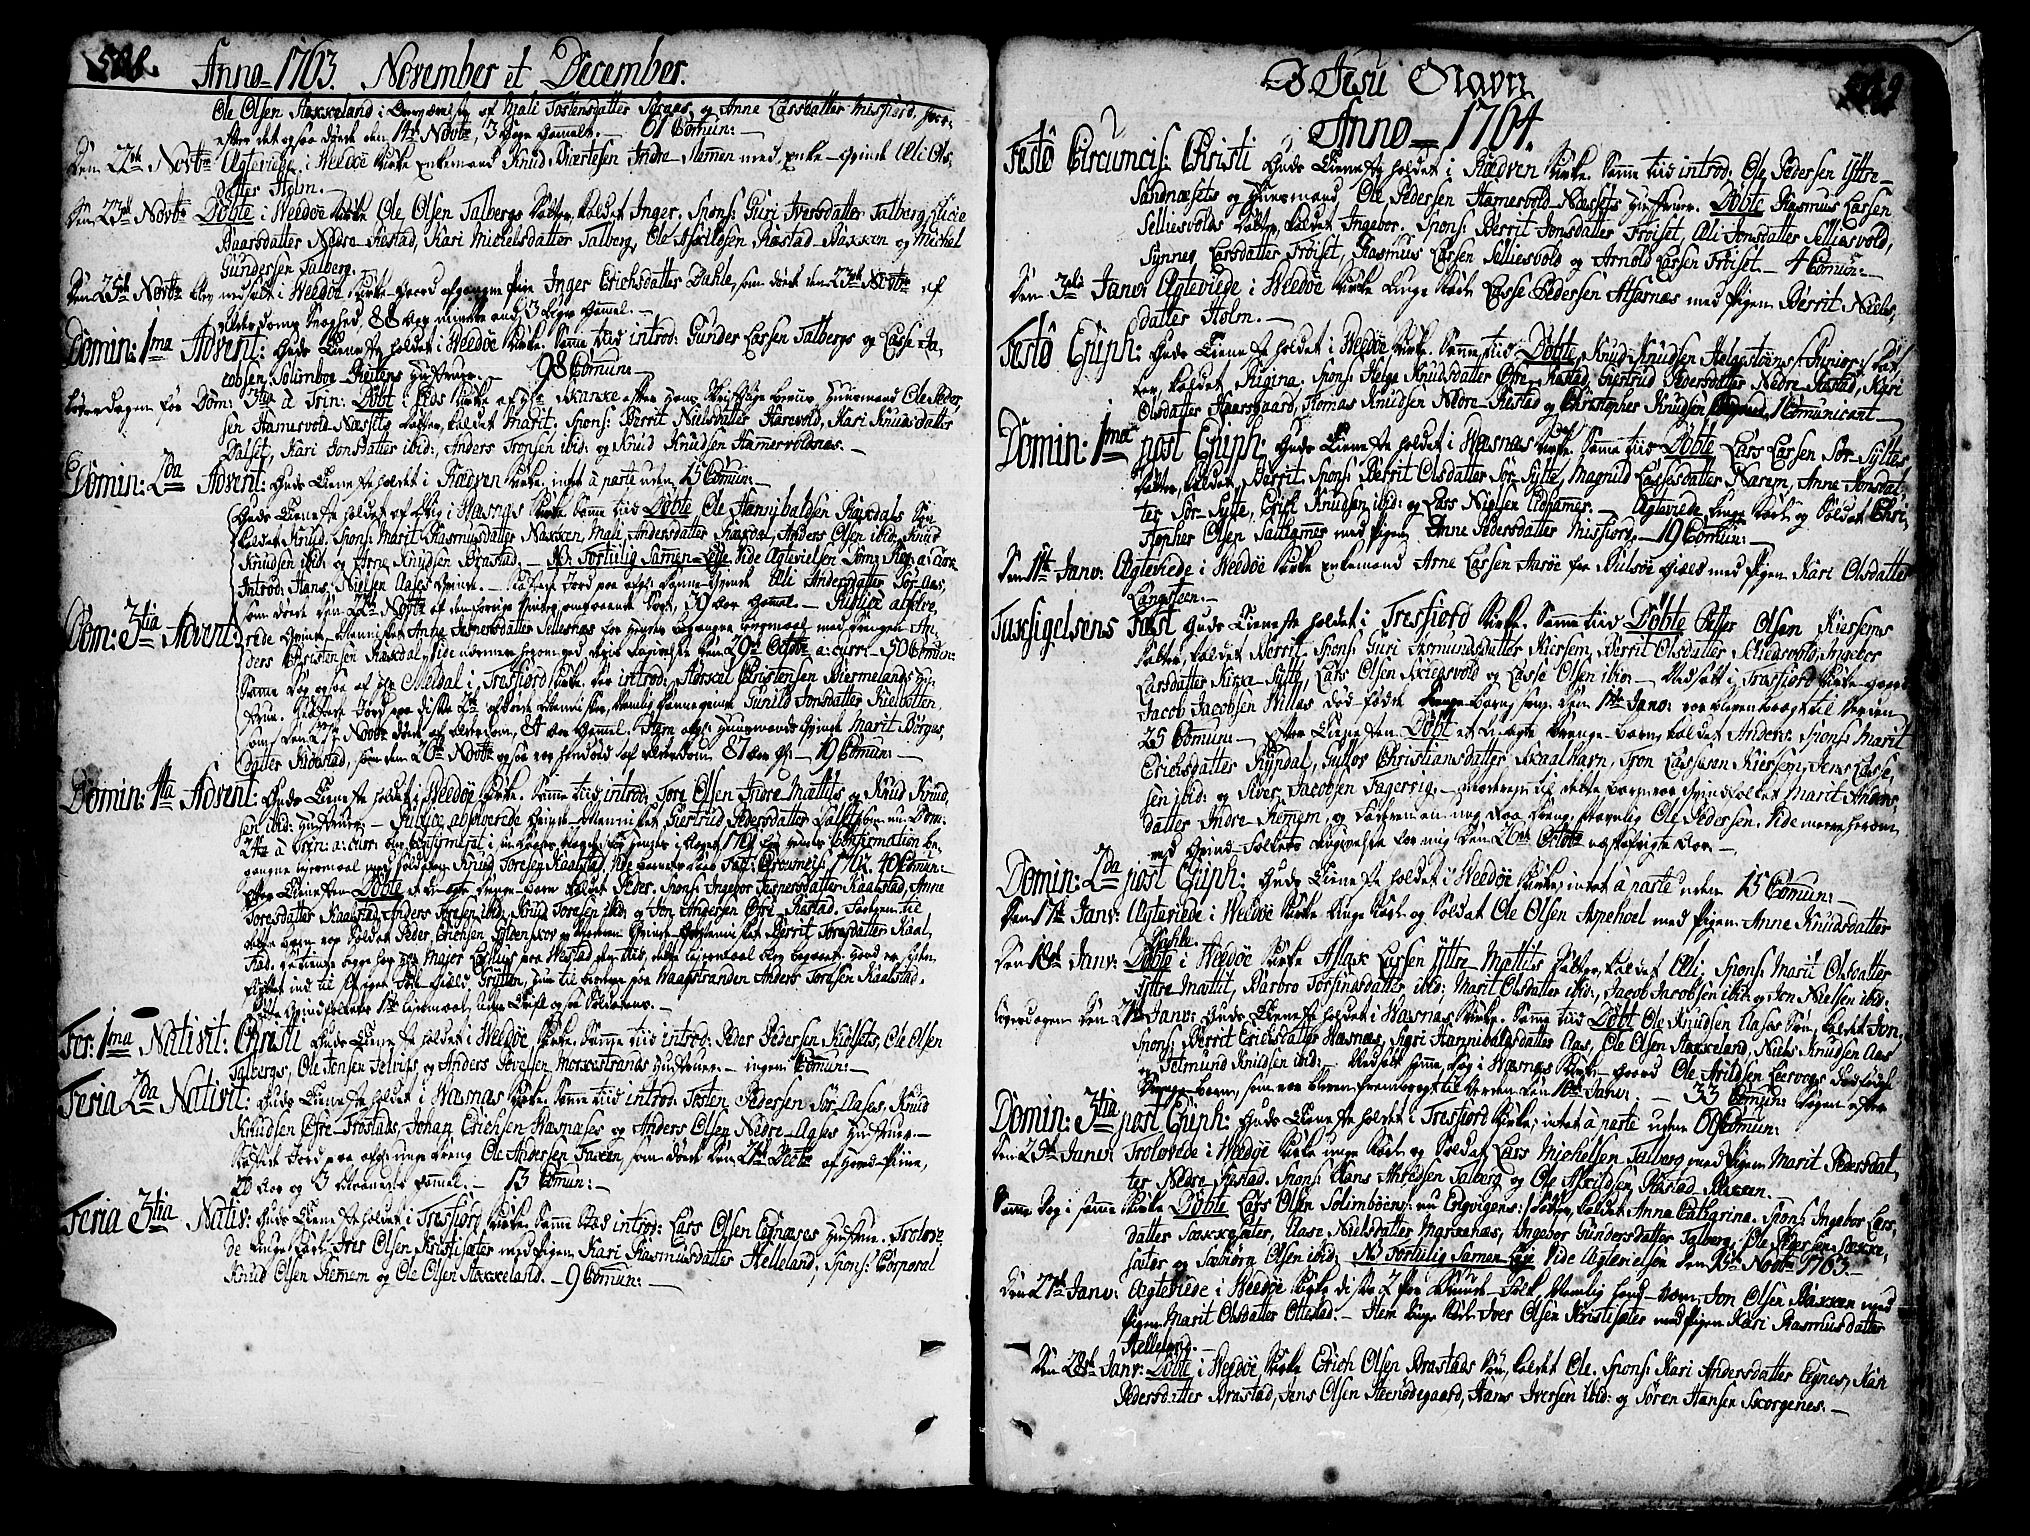 SAT, Ministerialprotokoller, klokkerbøker og fødselsregistre - Møre og Romsdal, 547/L0599: Ministerialbok nr. 547A01, 1721-1764, s. 508-509